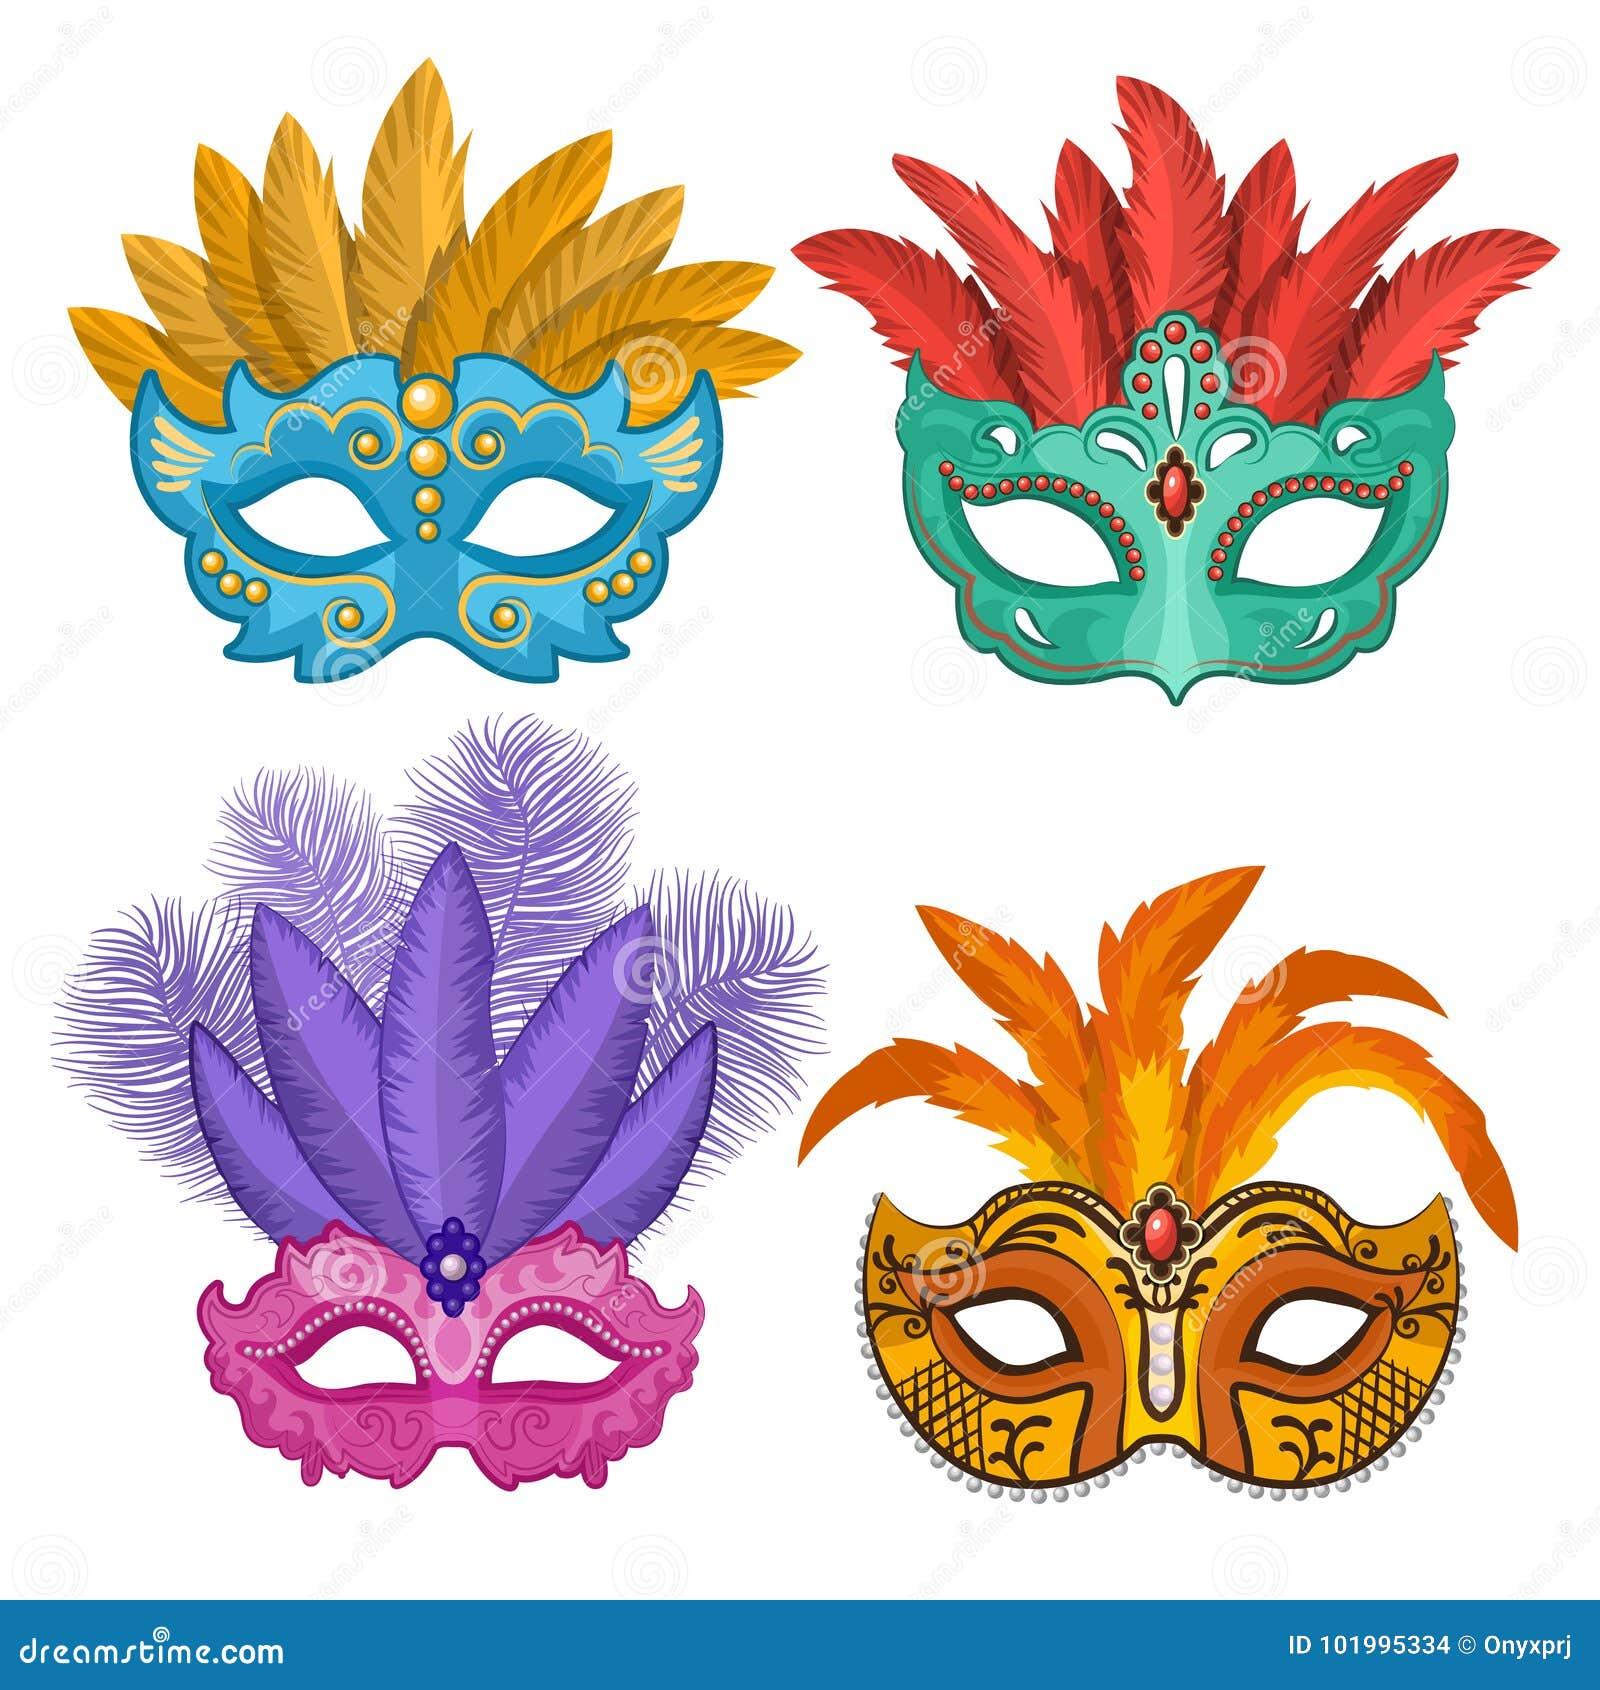 Imagens Coloridas De Máscaras Do Carnaval Ou Do Teatro Com